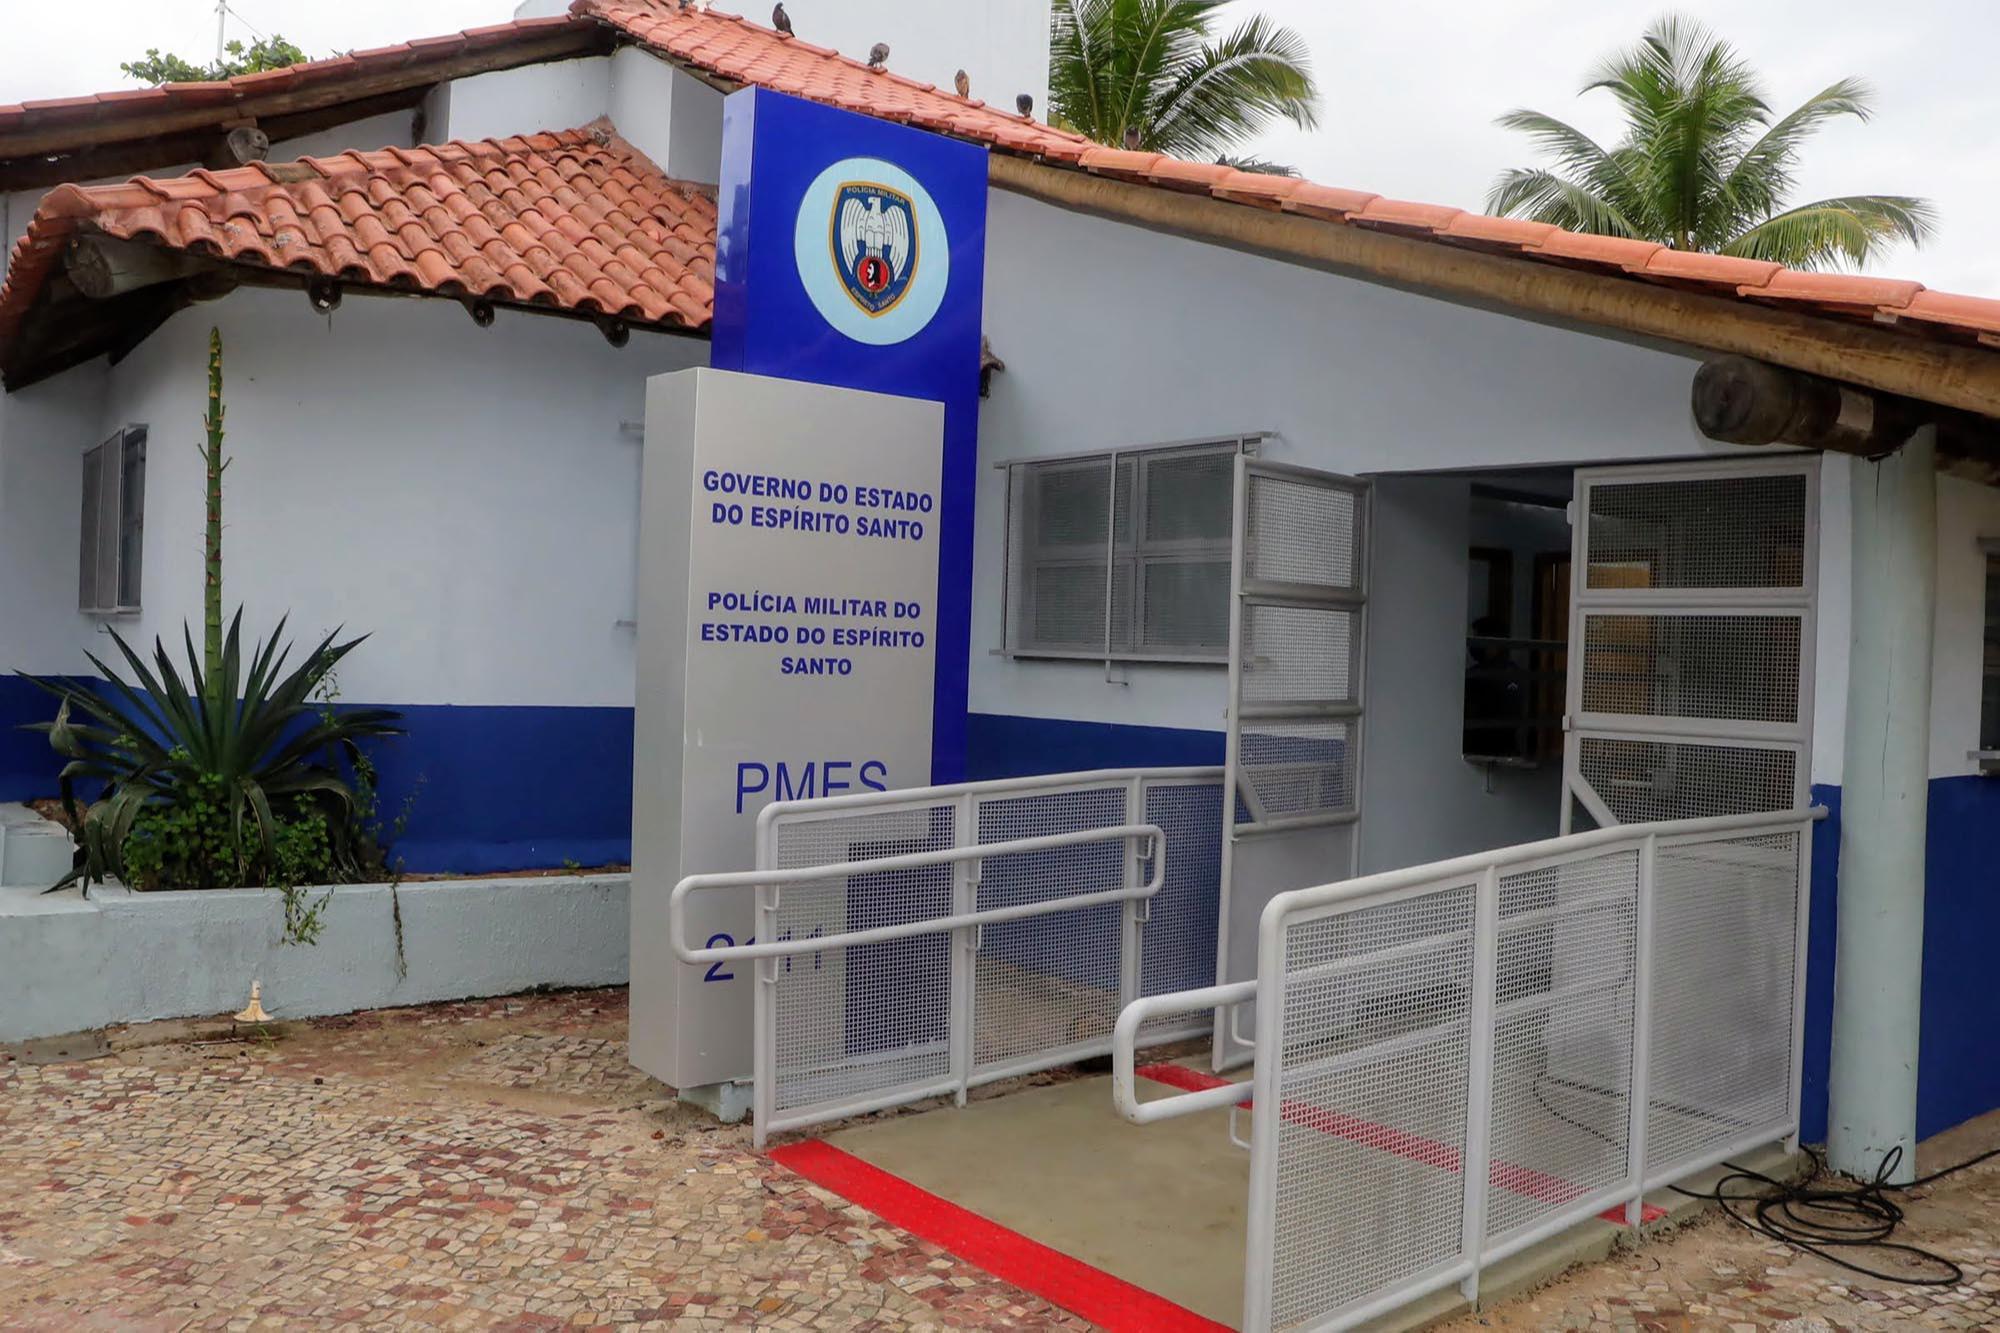 3ª Companhia da PM vai atender nove bairros da Capital. Crédito: Helio Filho/Secom